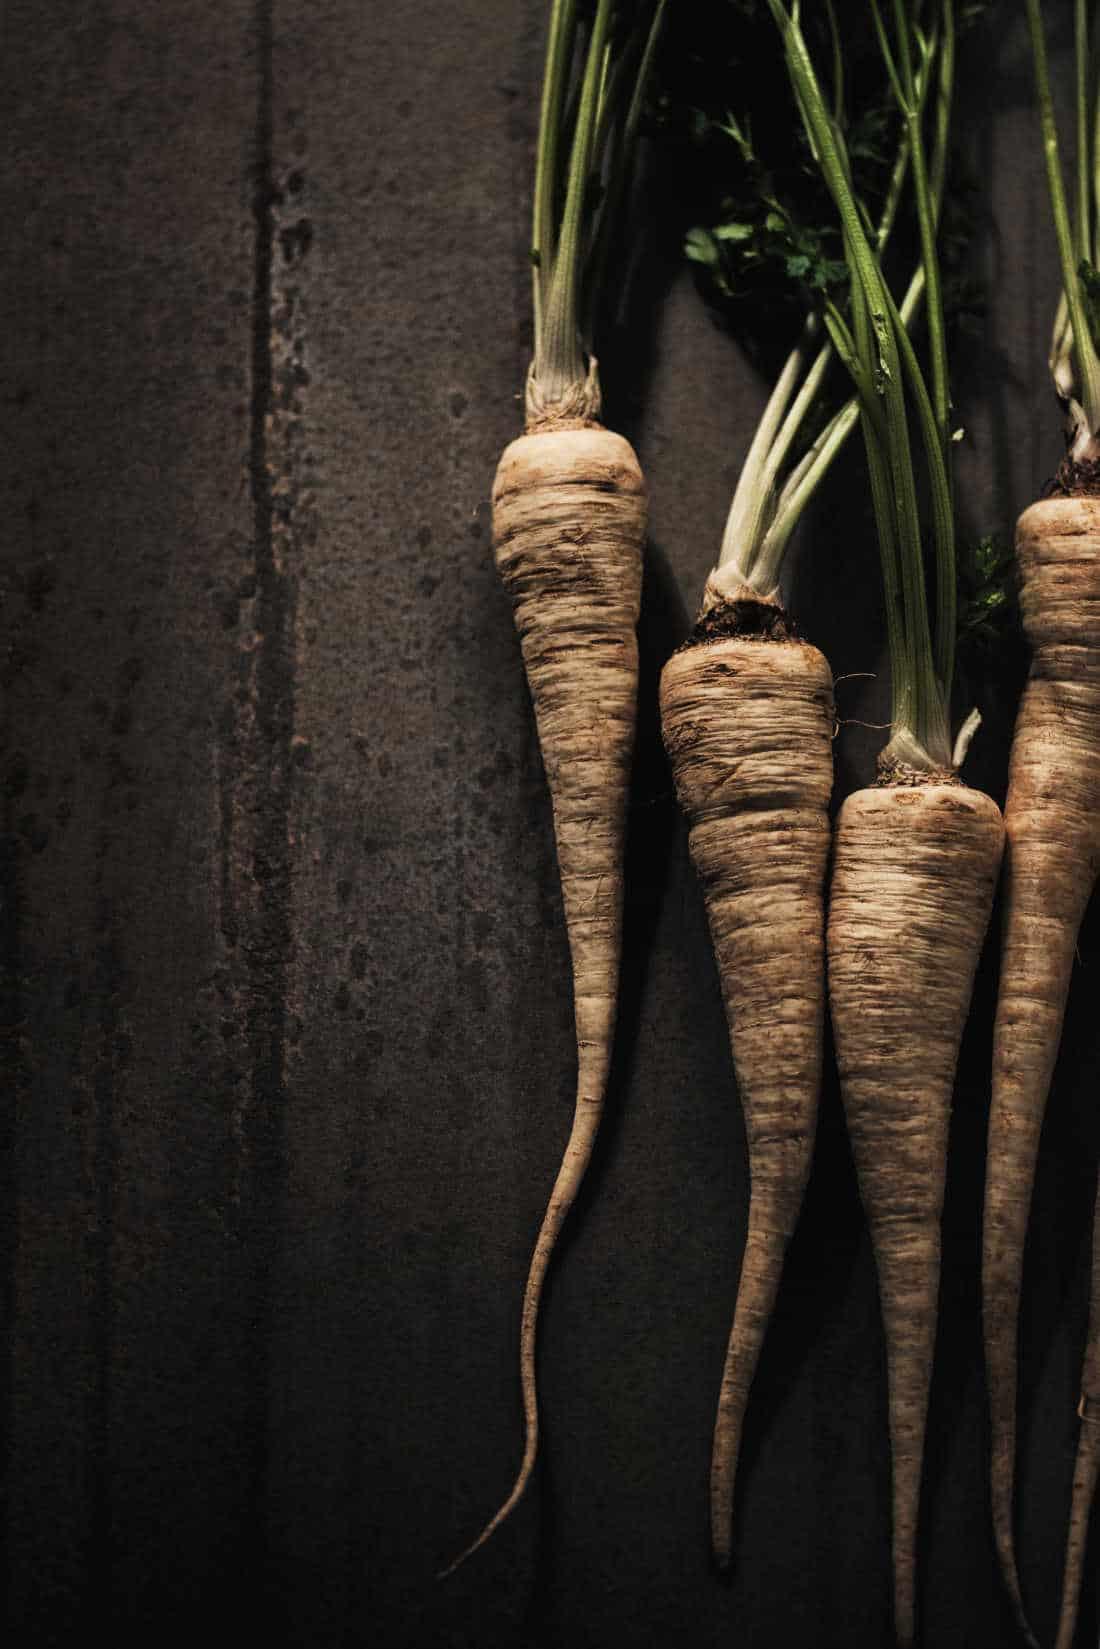 Harvesting Winter Vegetables this Week